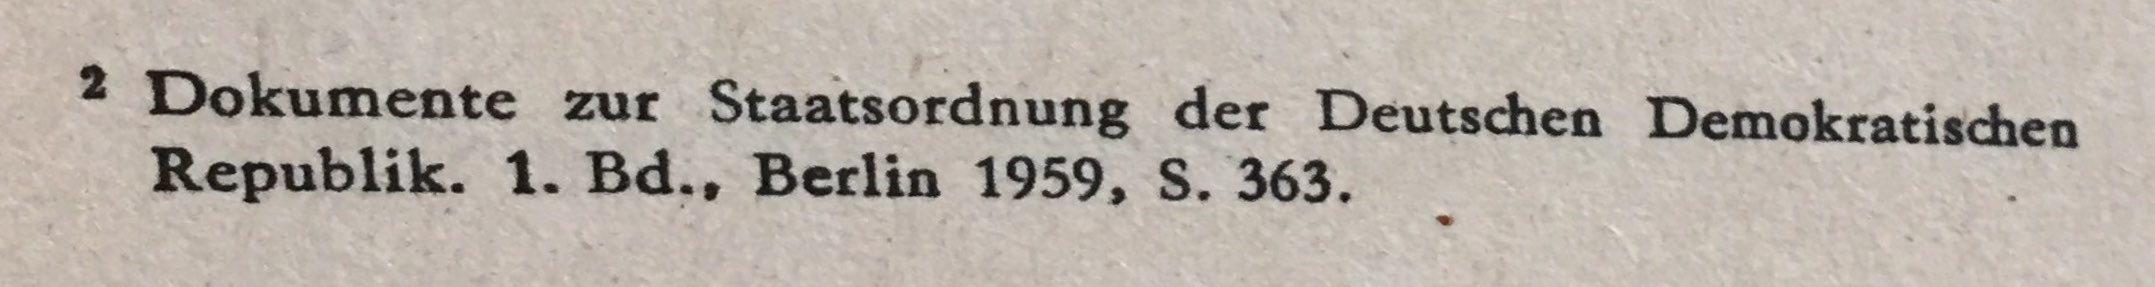 Quellenangabe Artikel 48 Verfassung Weimarer Republik